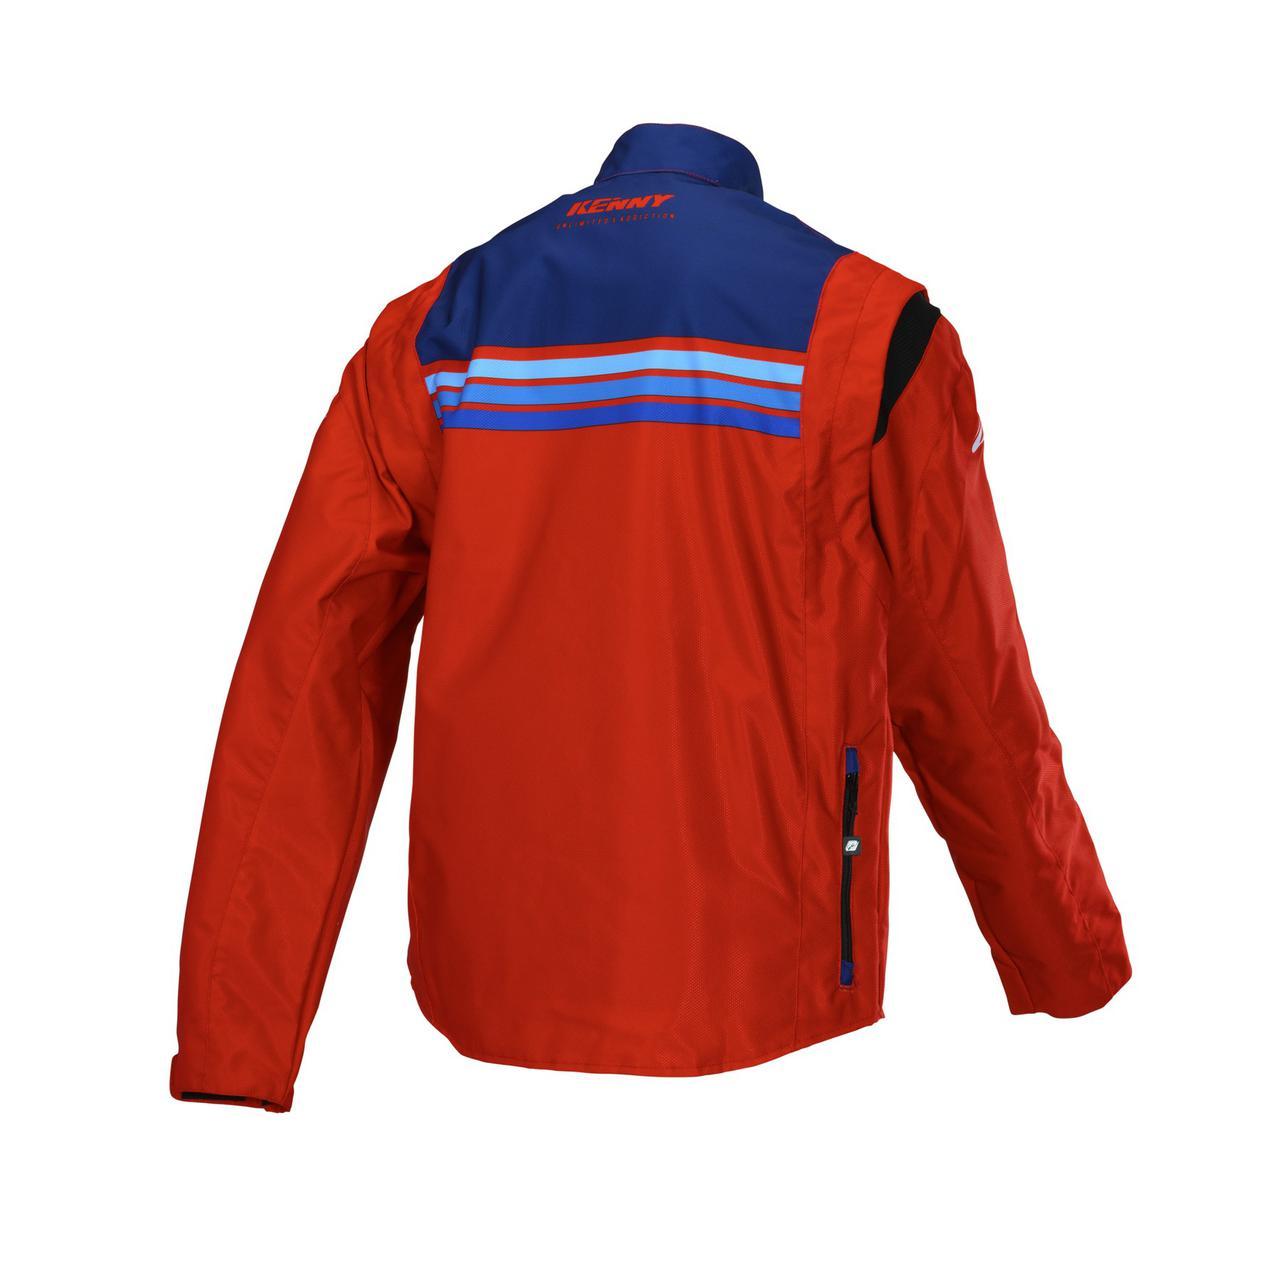 画像2: KENNY RACING チタニウムジャケット 34300円(税別) サイズ : S-XXL カラー : レッド、オレンジ、ブラック、イエロー/ブルー